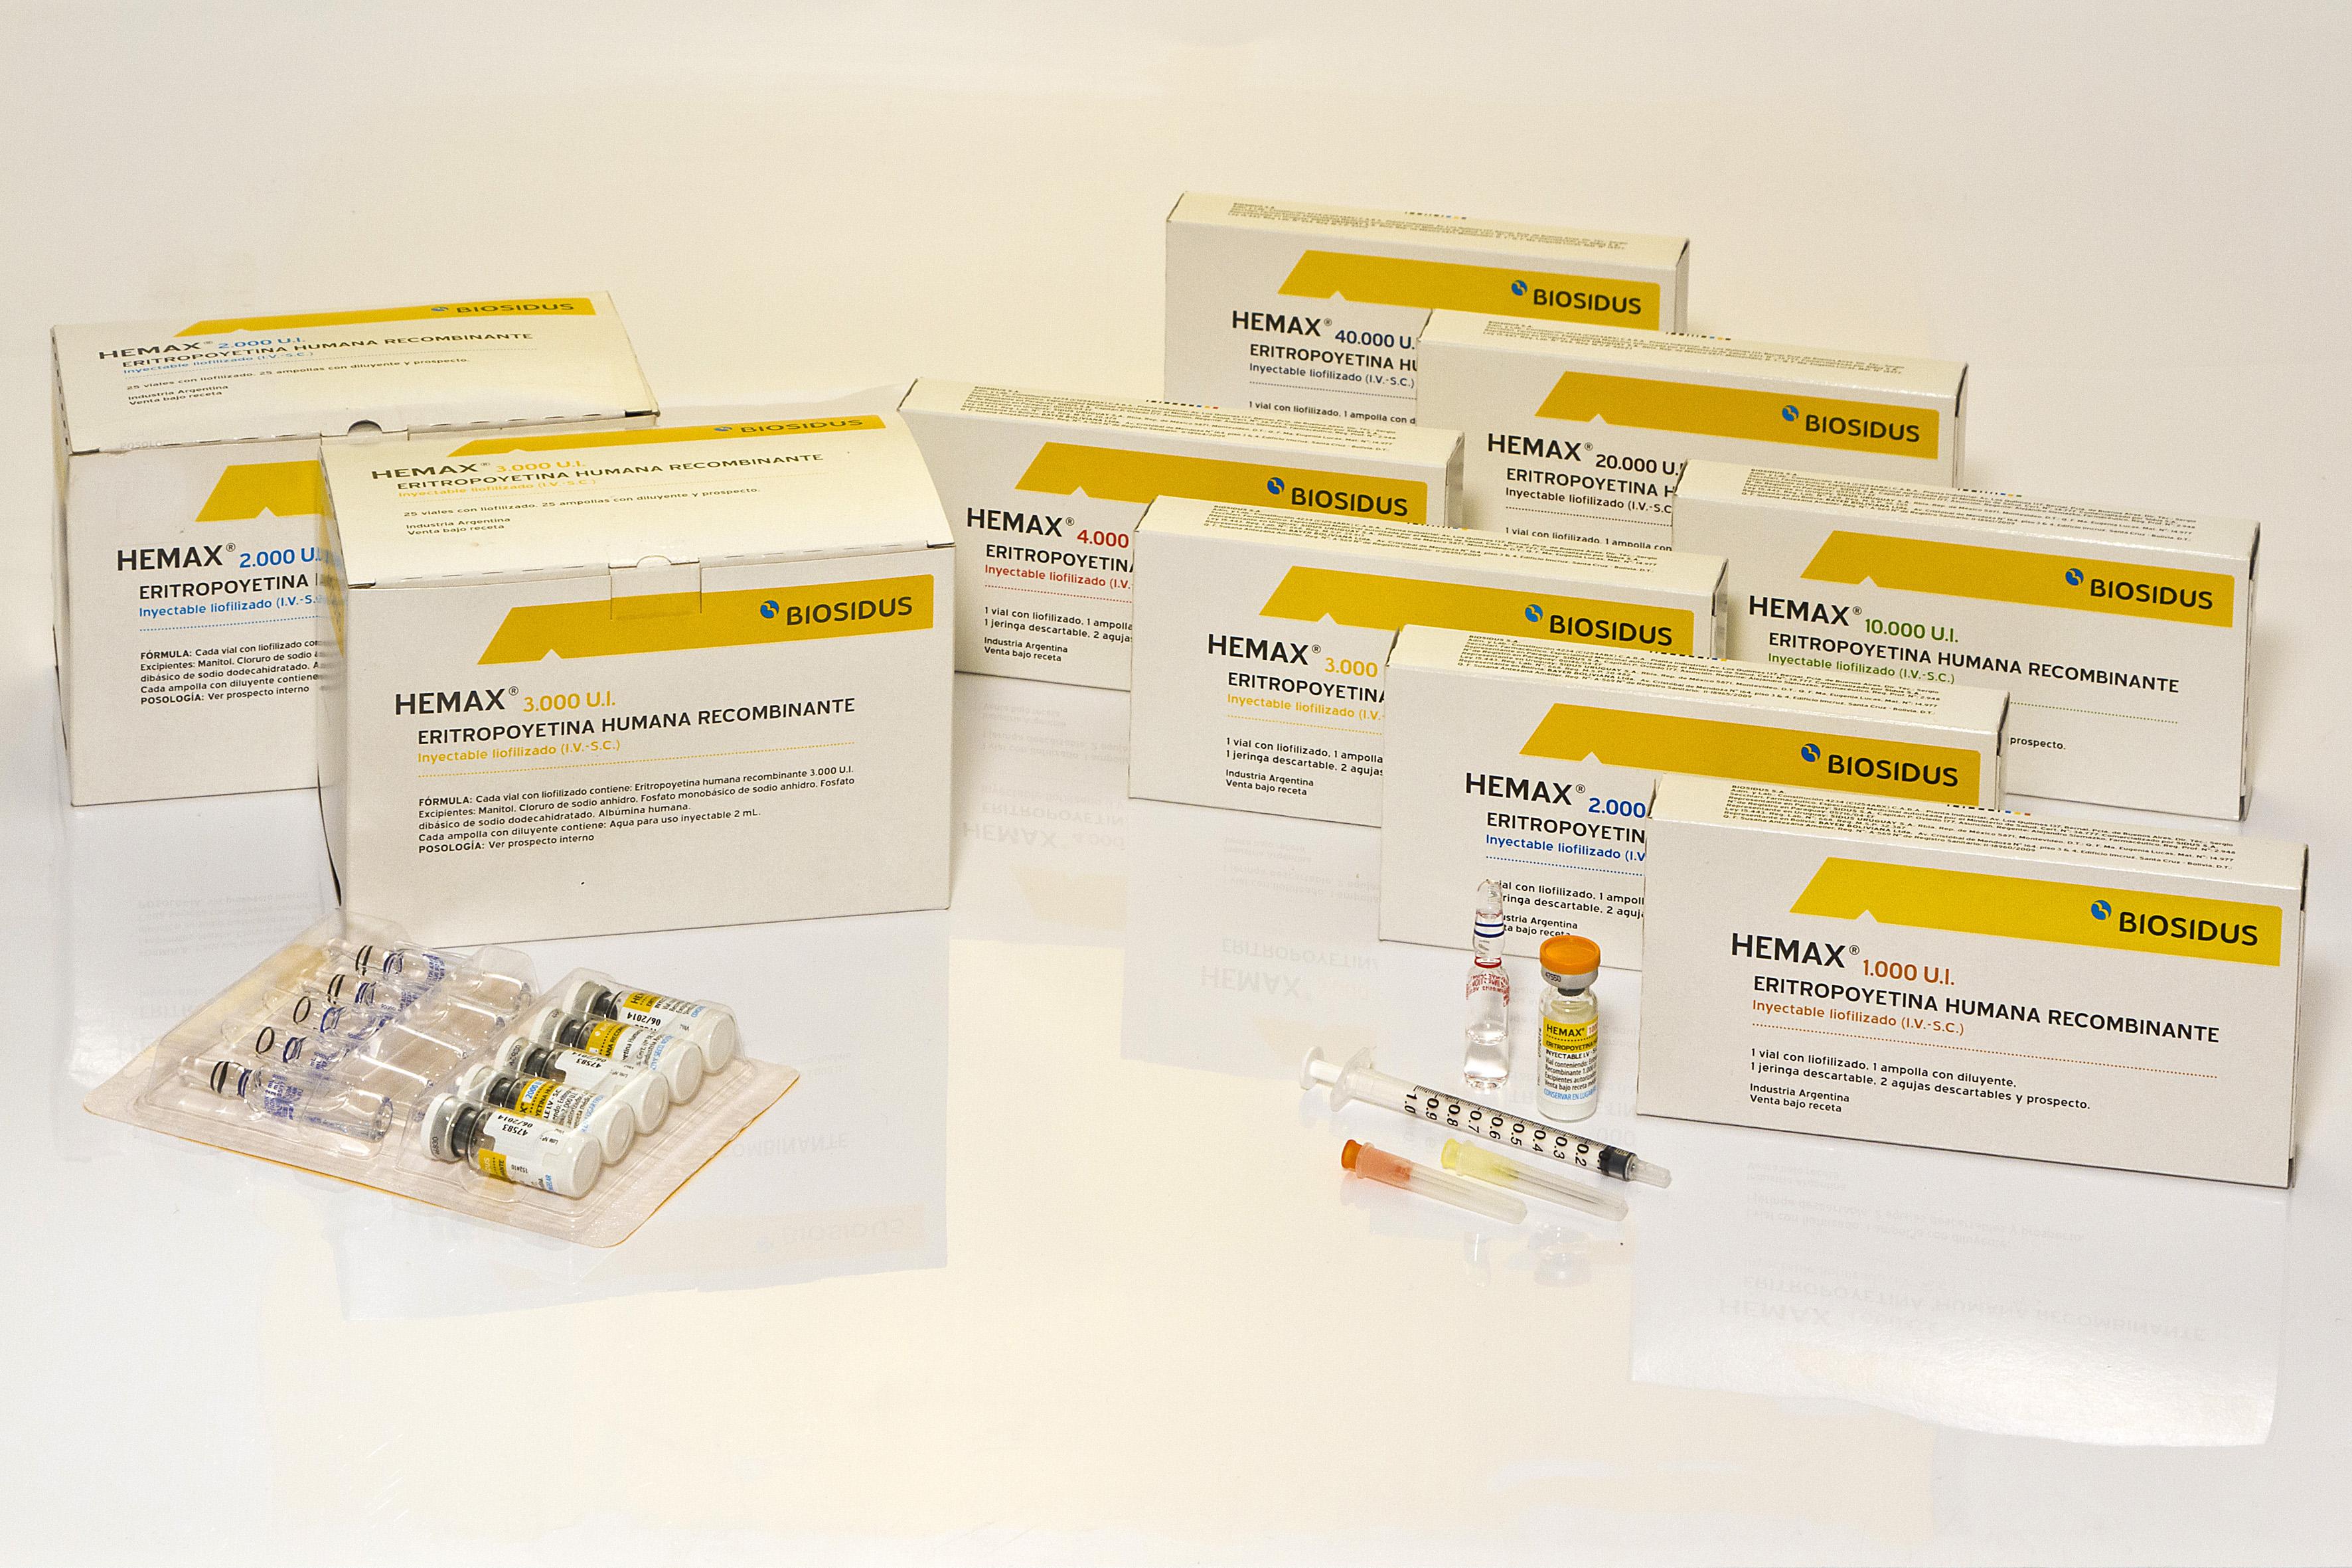 EPOETIN - ERYTHROPOIETIN - HEMAX / HYPERCRIT / EPOYET